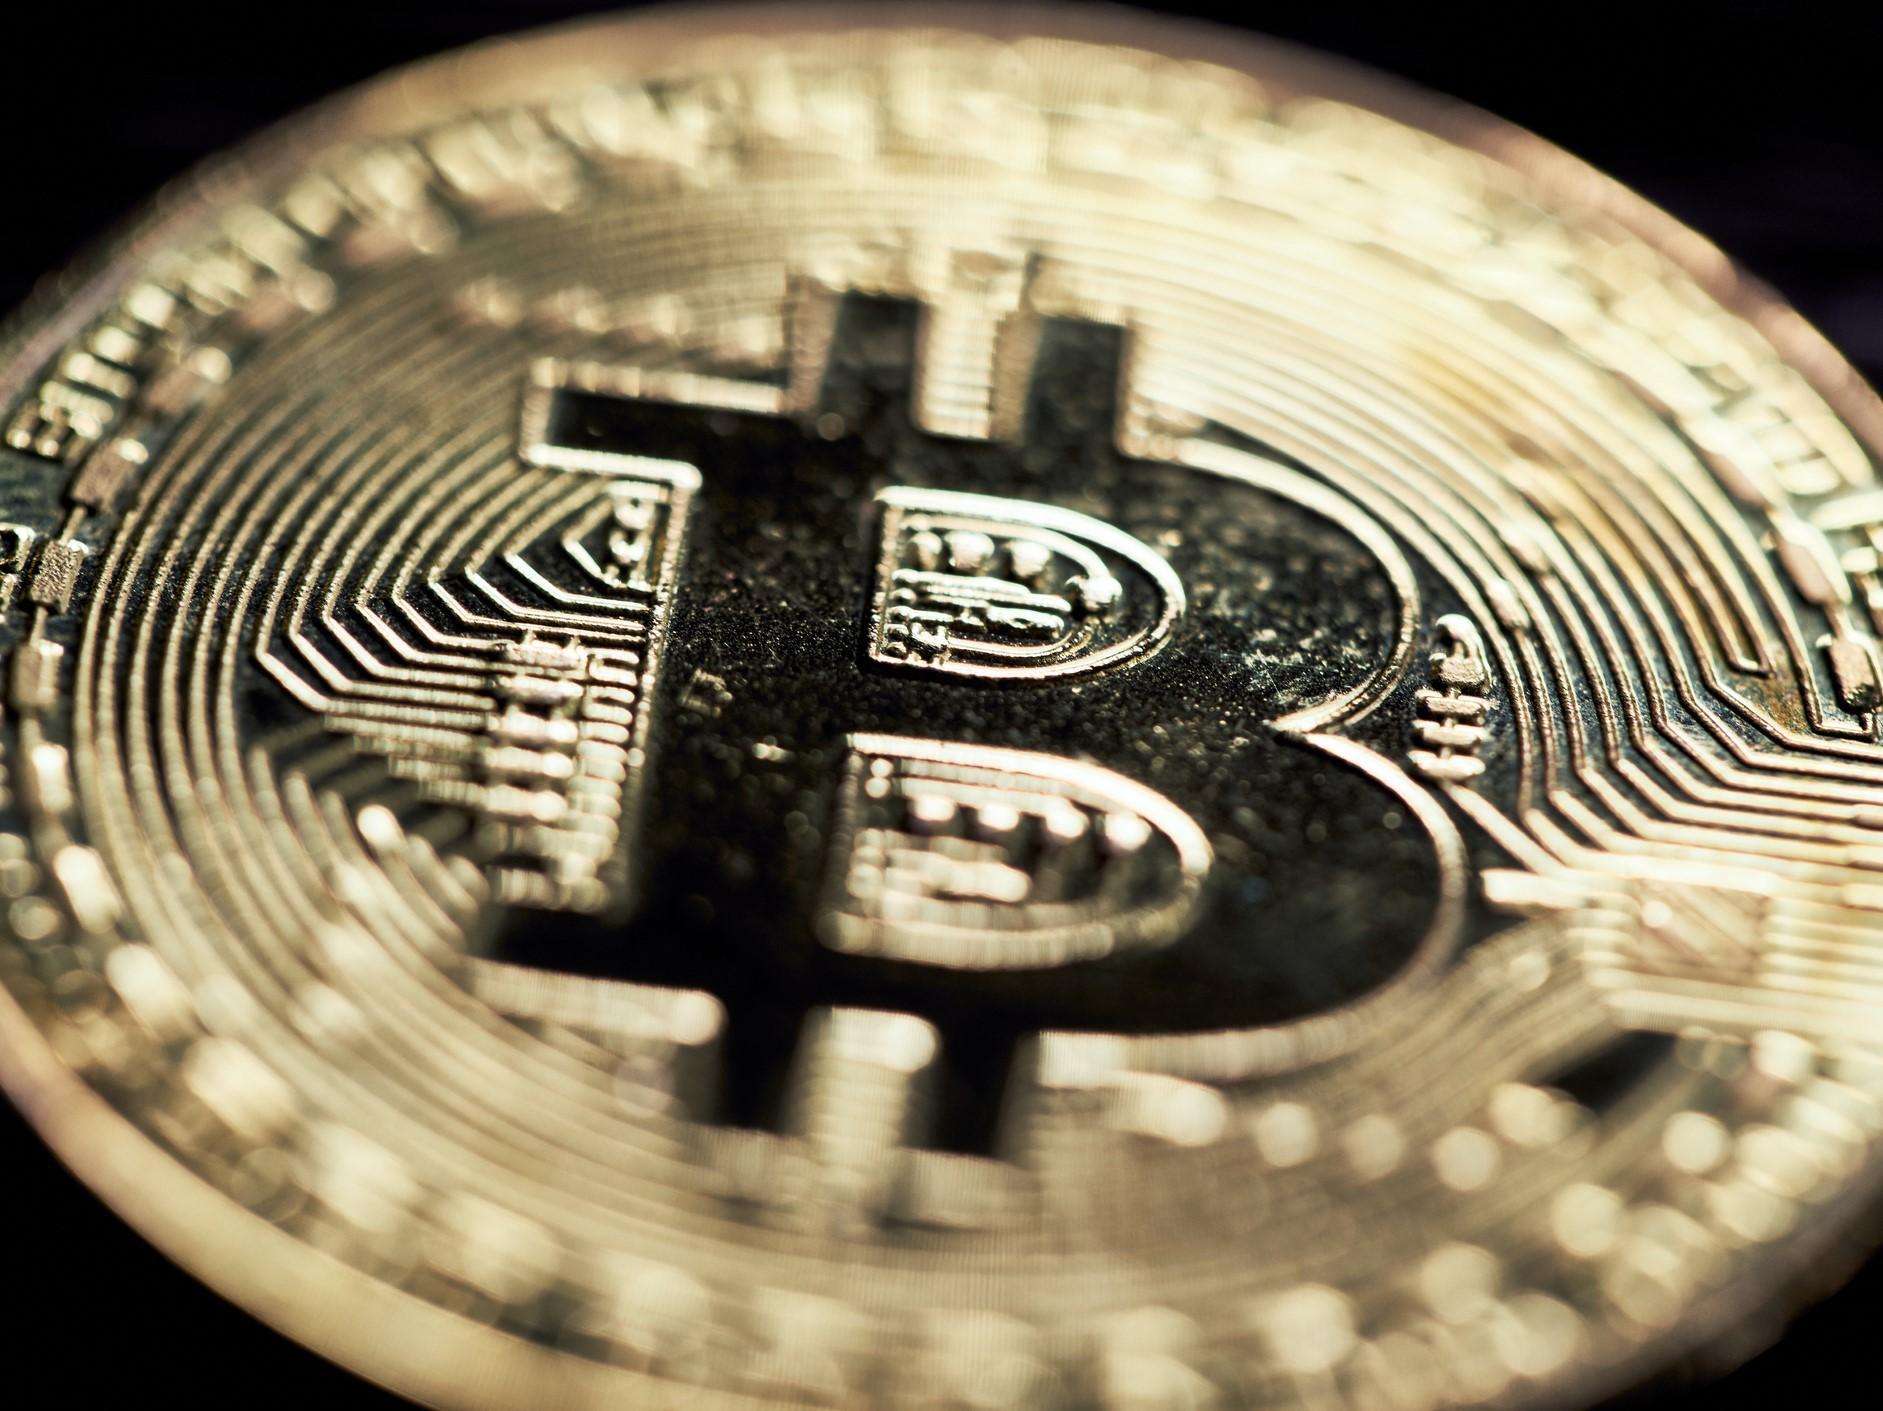 Bitcoin 'terbelah dua' terjadi, menandai salah satu peristiwa terbesar dalam sejarah cryptocurrency